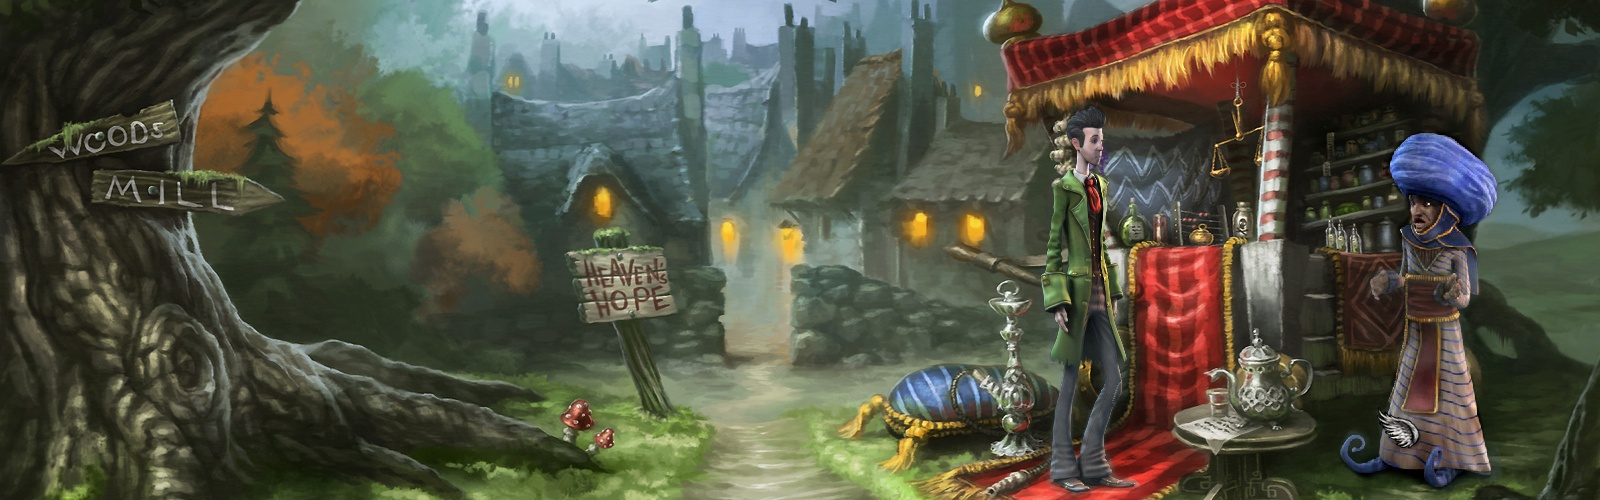 Heaven's Hope Steam Key EUROPE